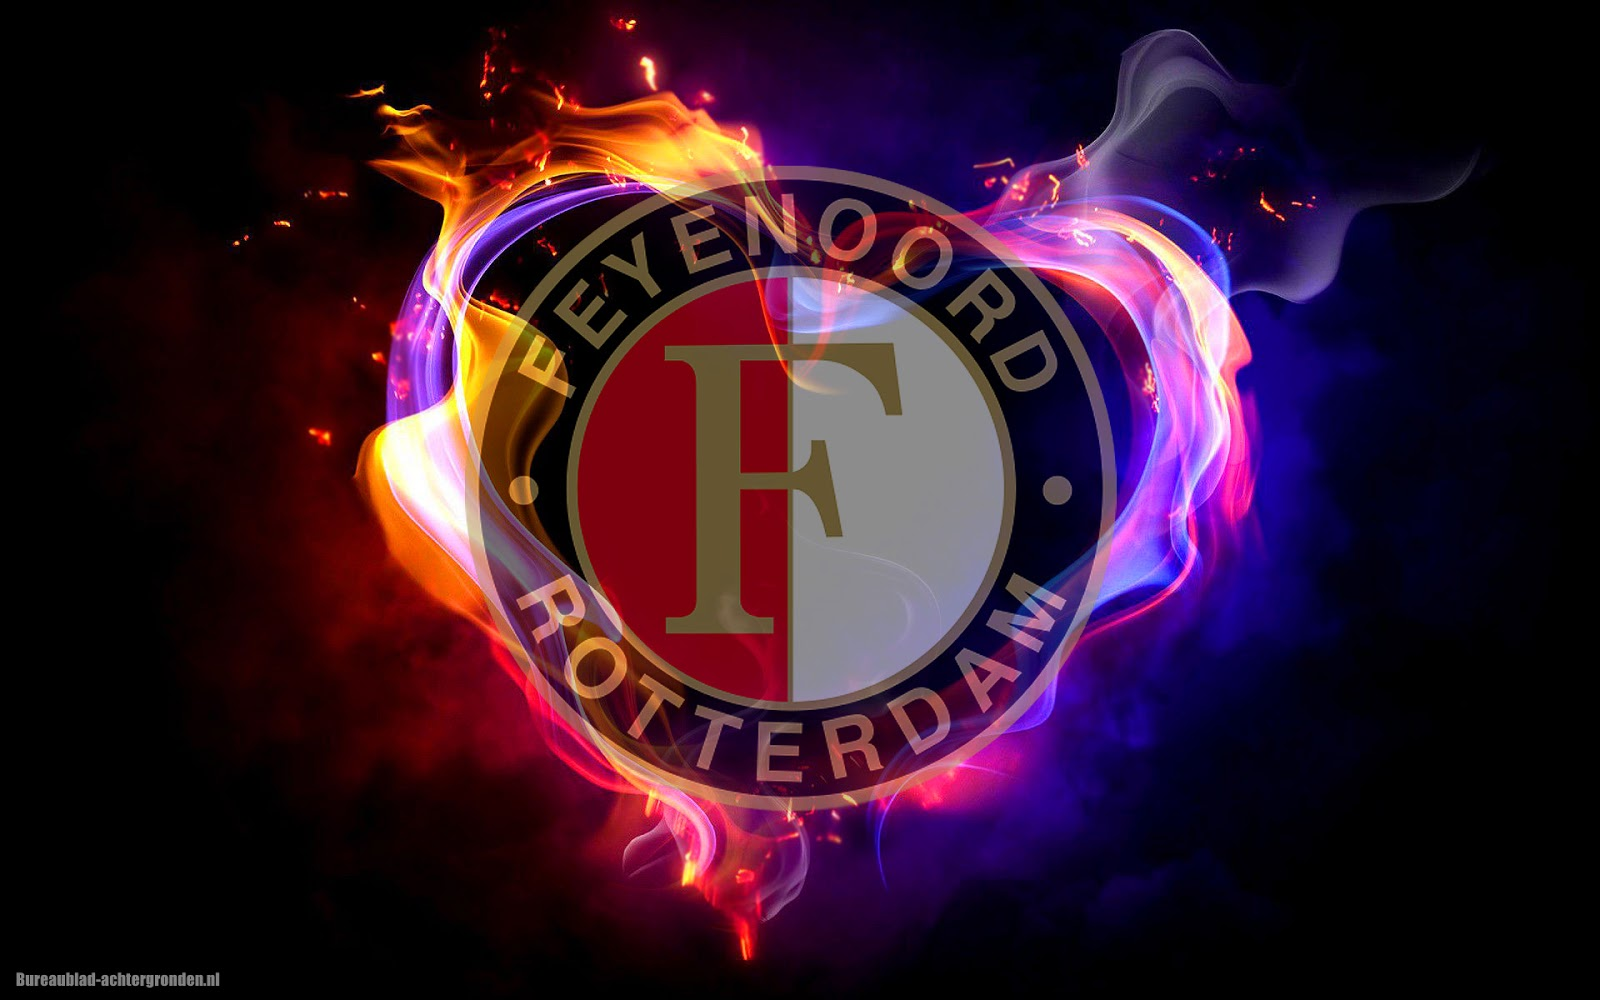 Livestream Feyenoord